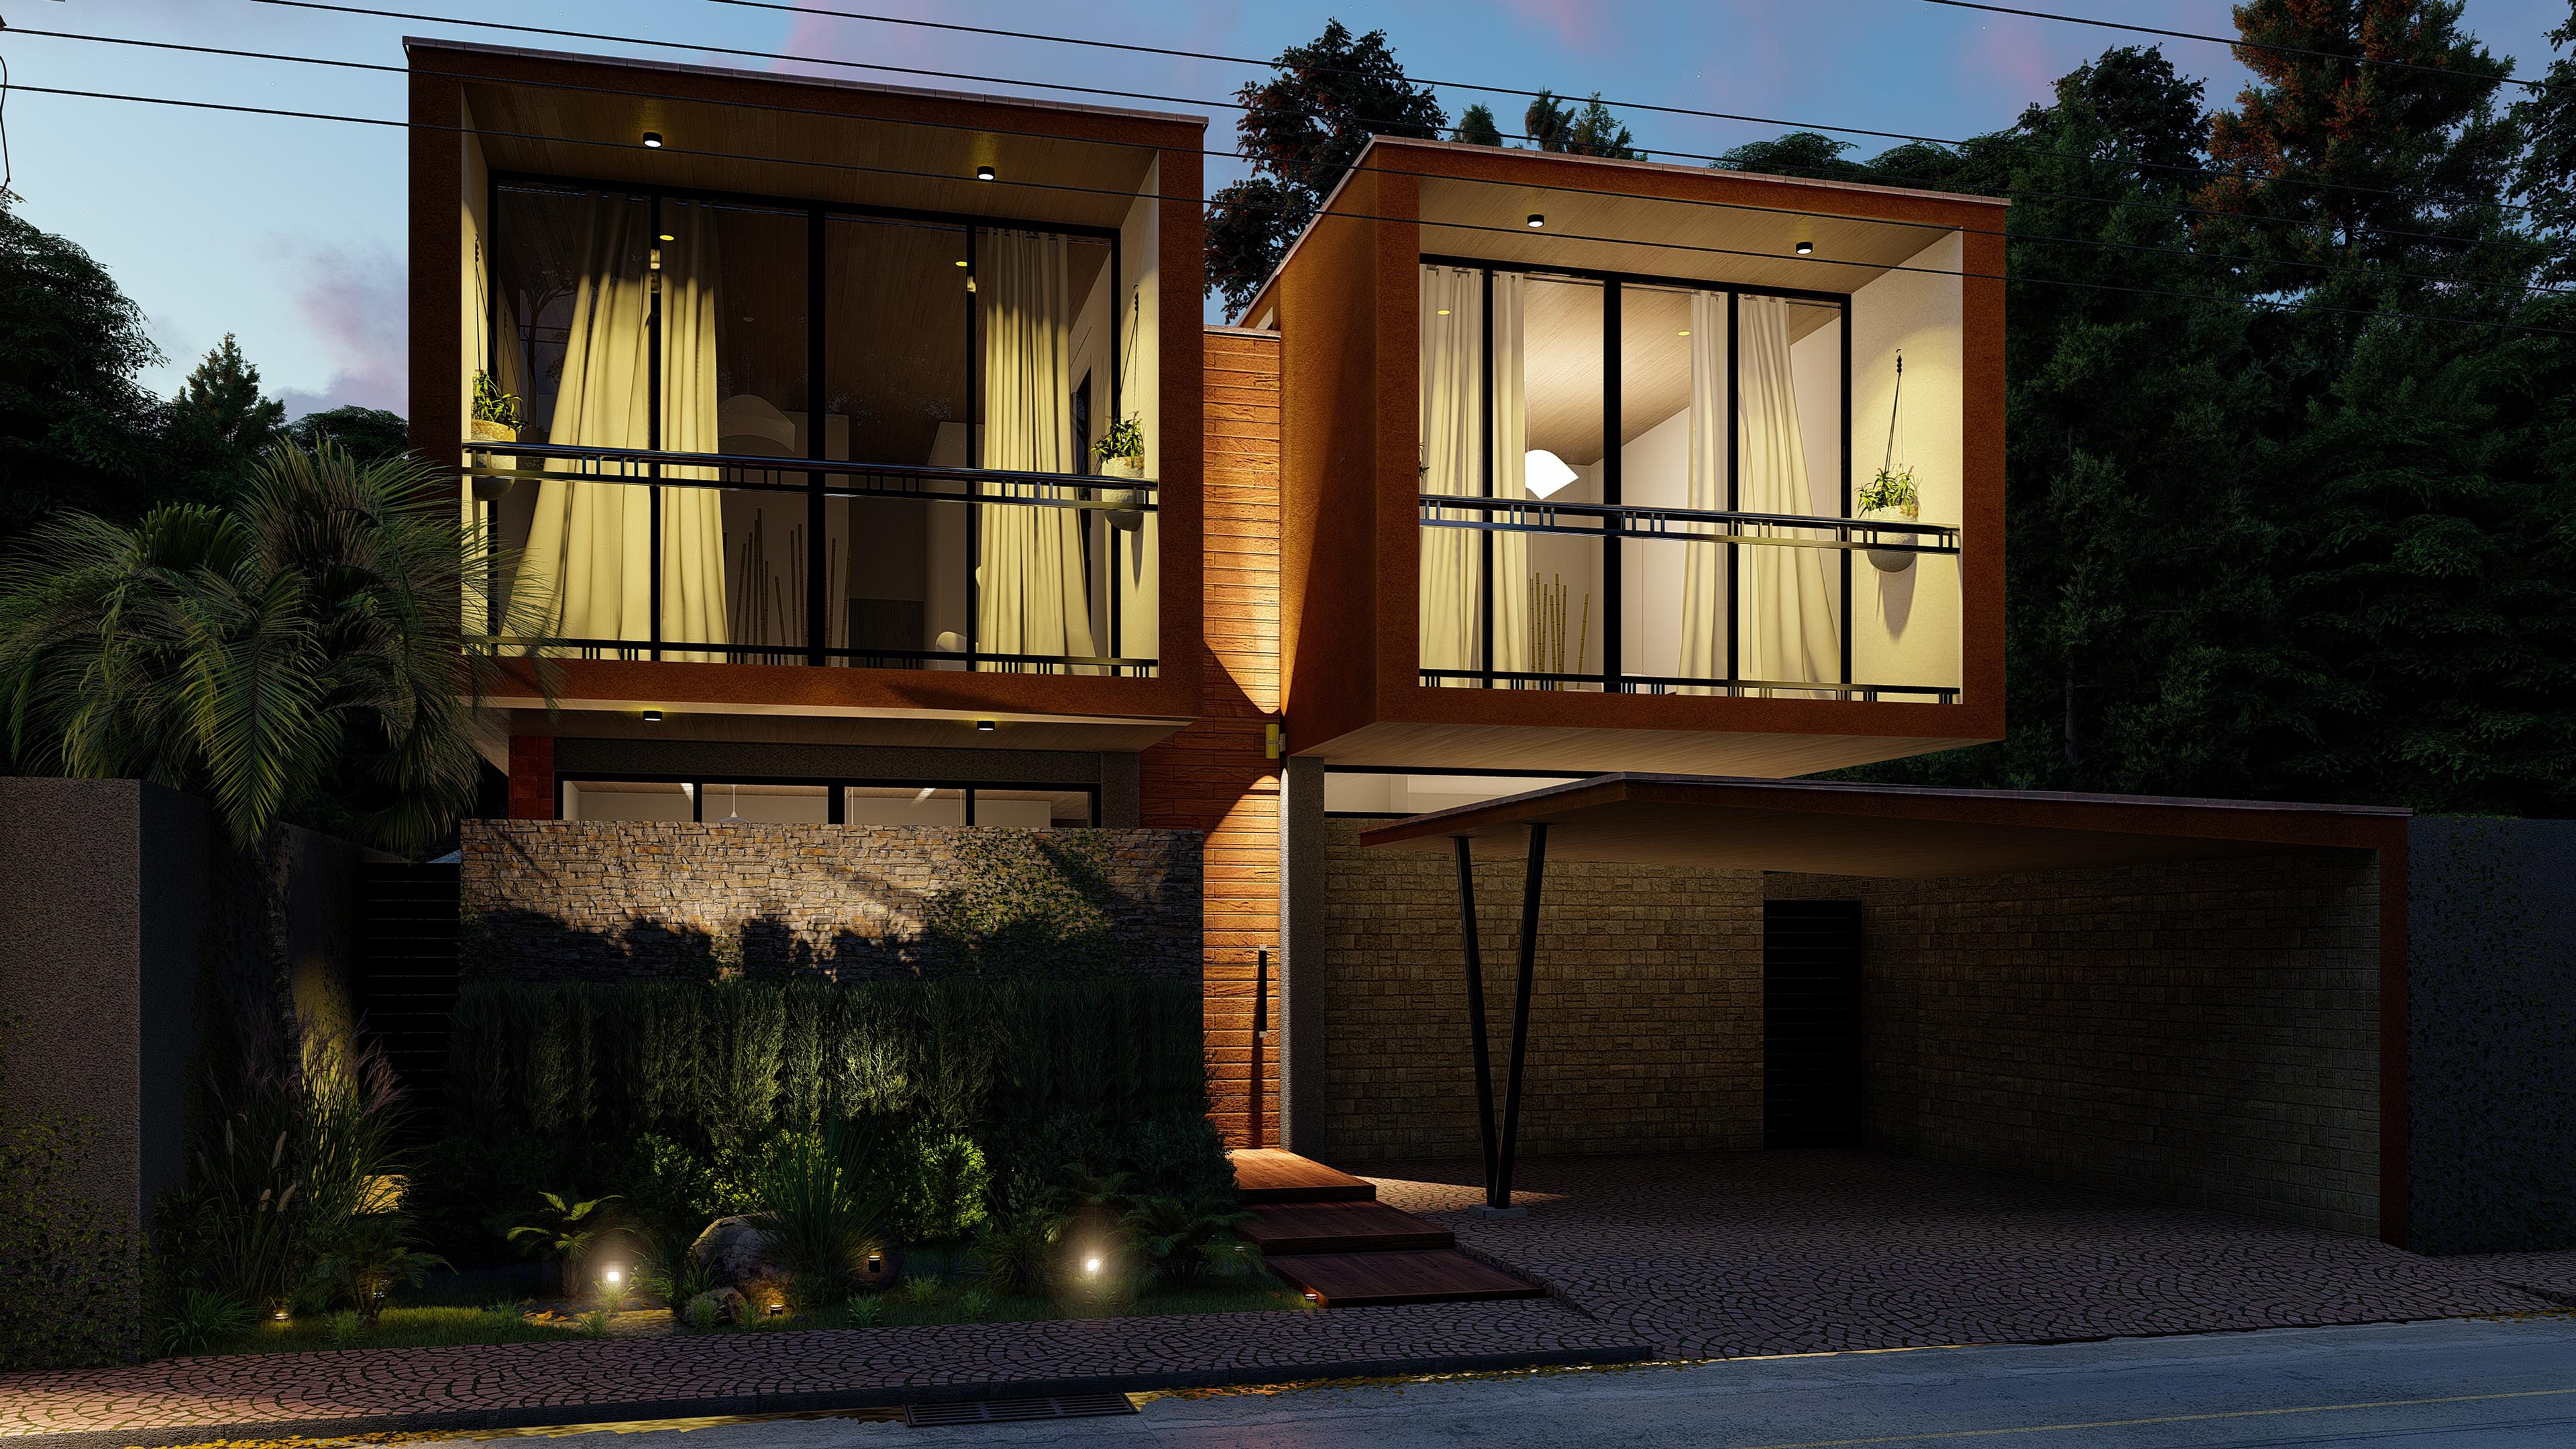 Immagini belle casa proprietà zona residenziale architettura